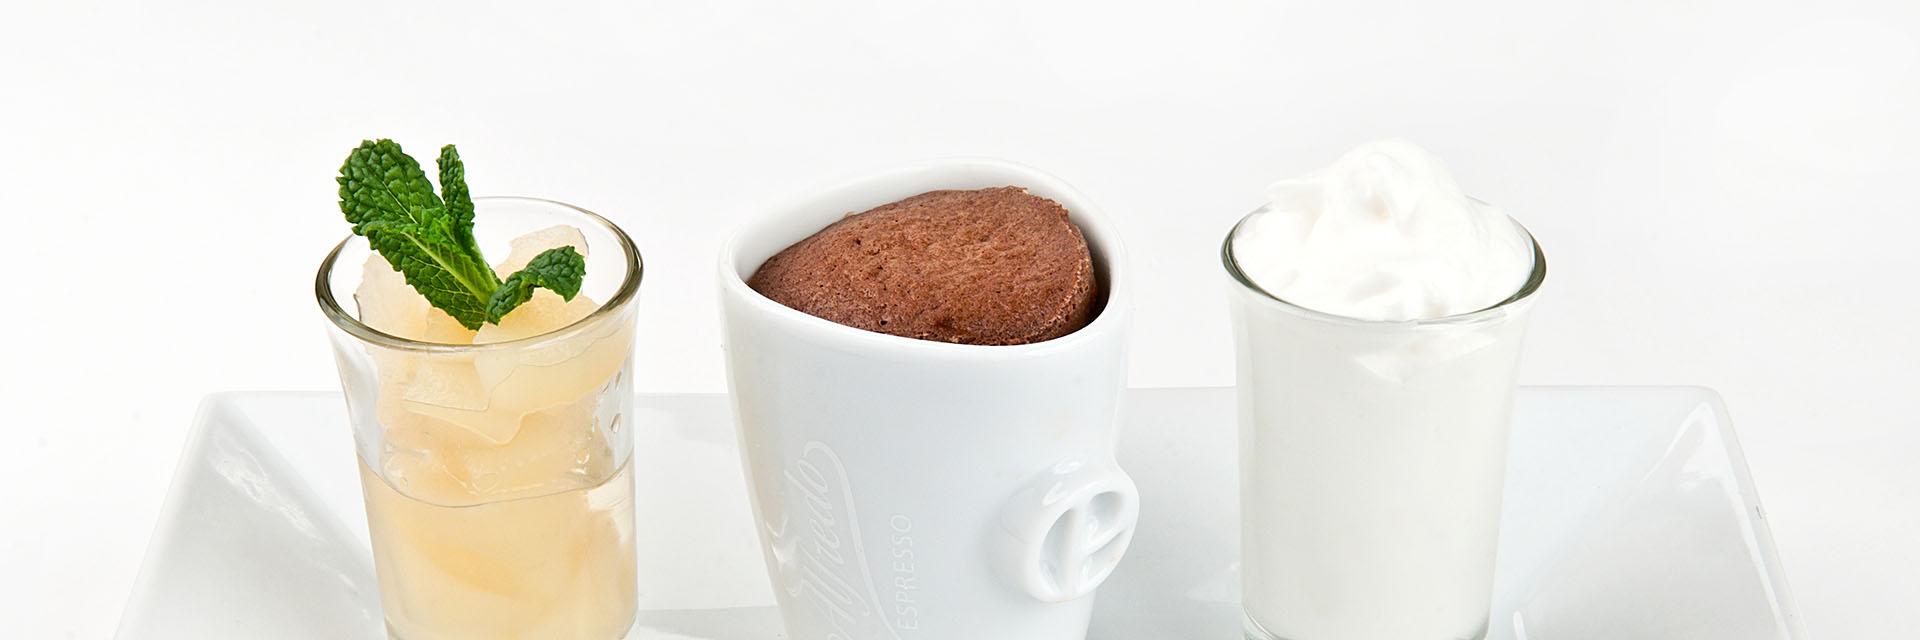 fotografování jídel a gastronomie / profesionální fotograf Vojtěch Pavelčík